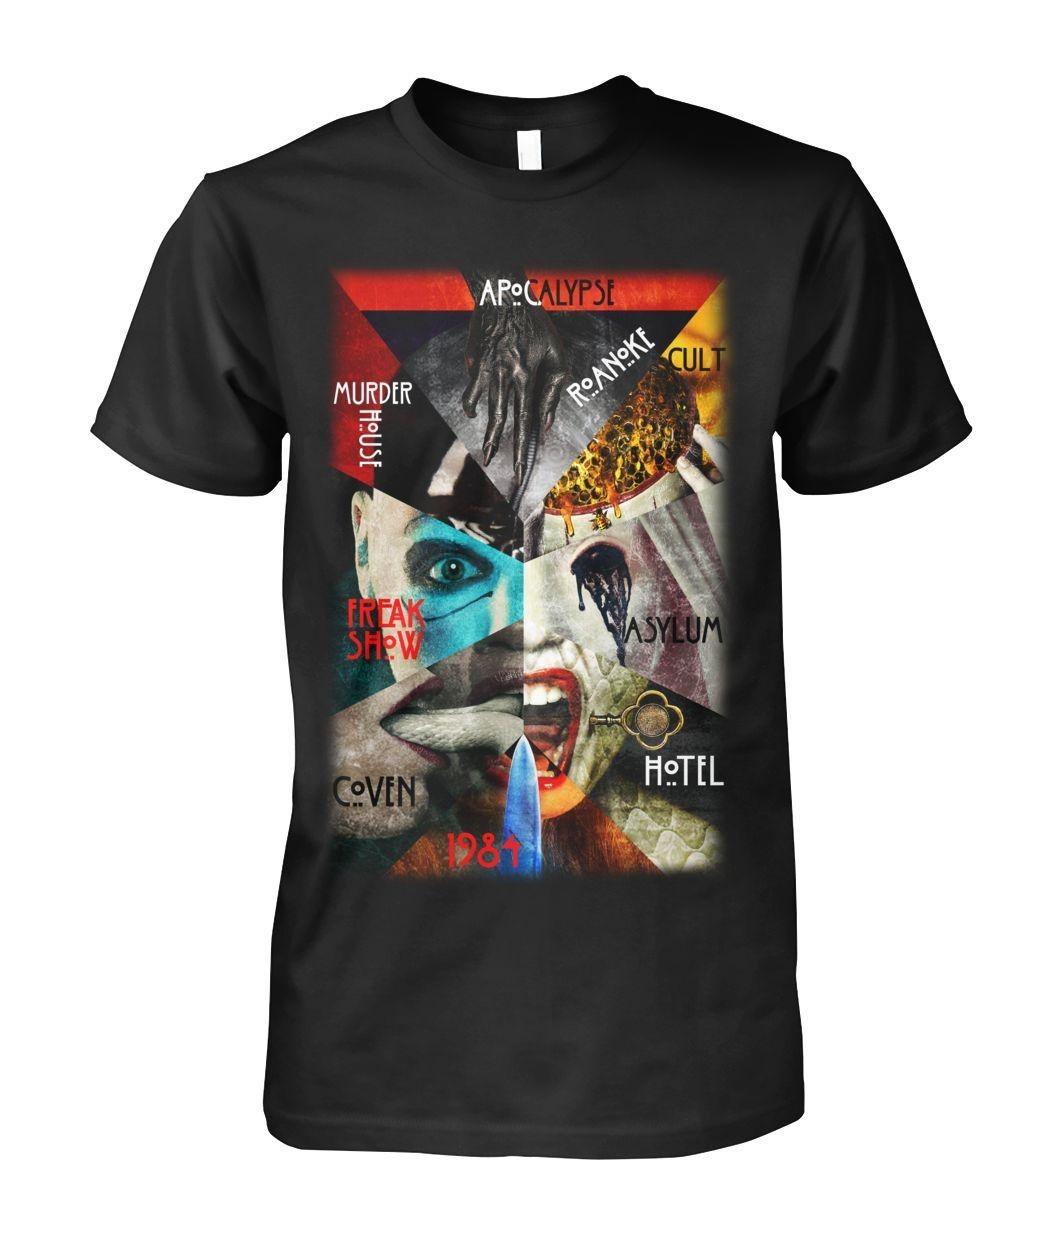 Apocalypse Roanoke Cult Murder House Freak Show Asylum Coven 1984 shirt